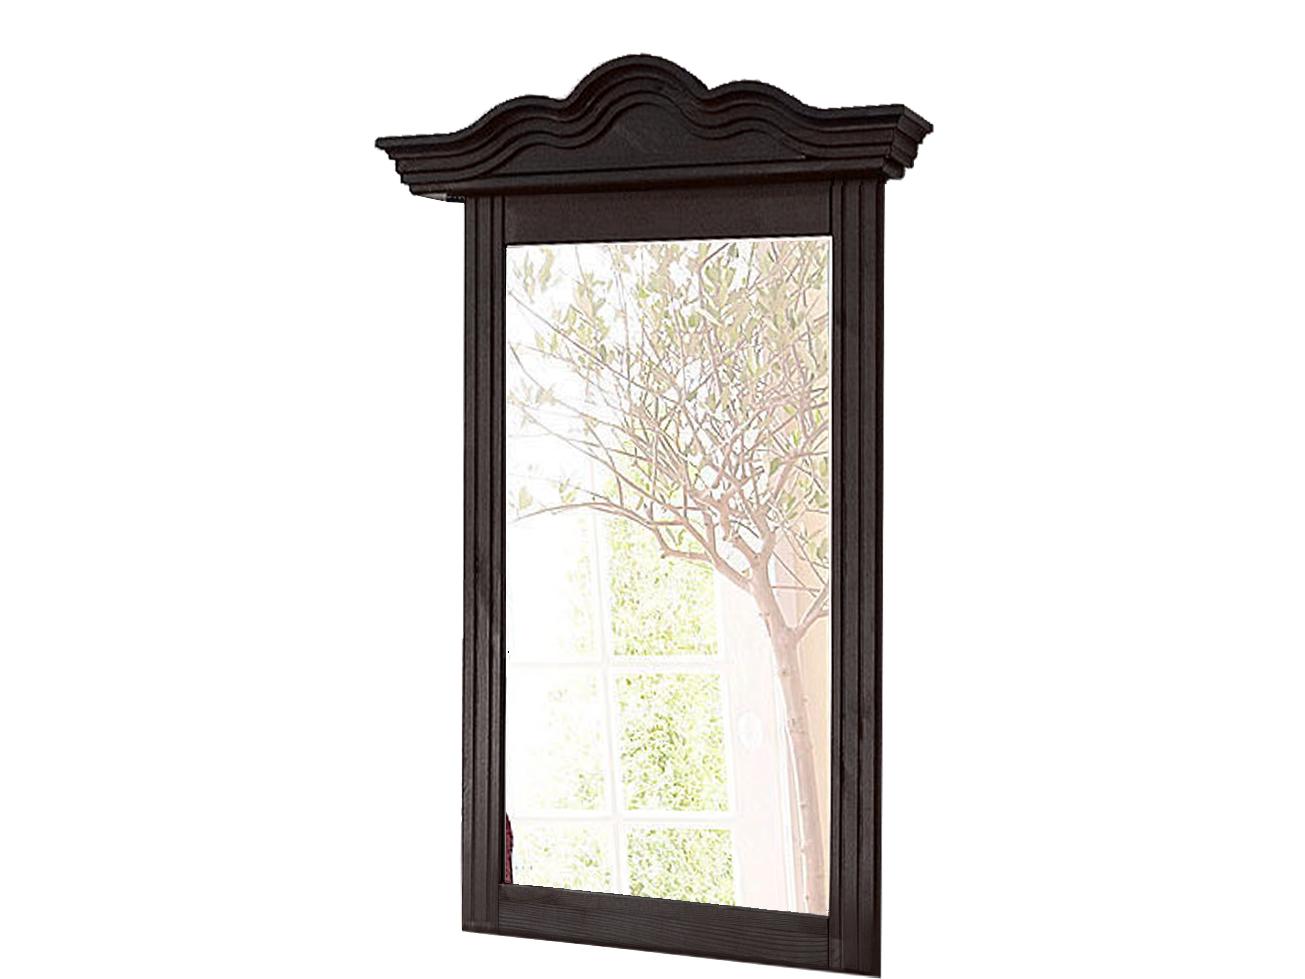 Nástěnné zrcadlo Filio, 85 cm, tmavě hnědá